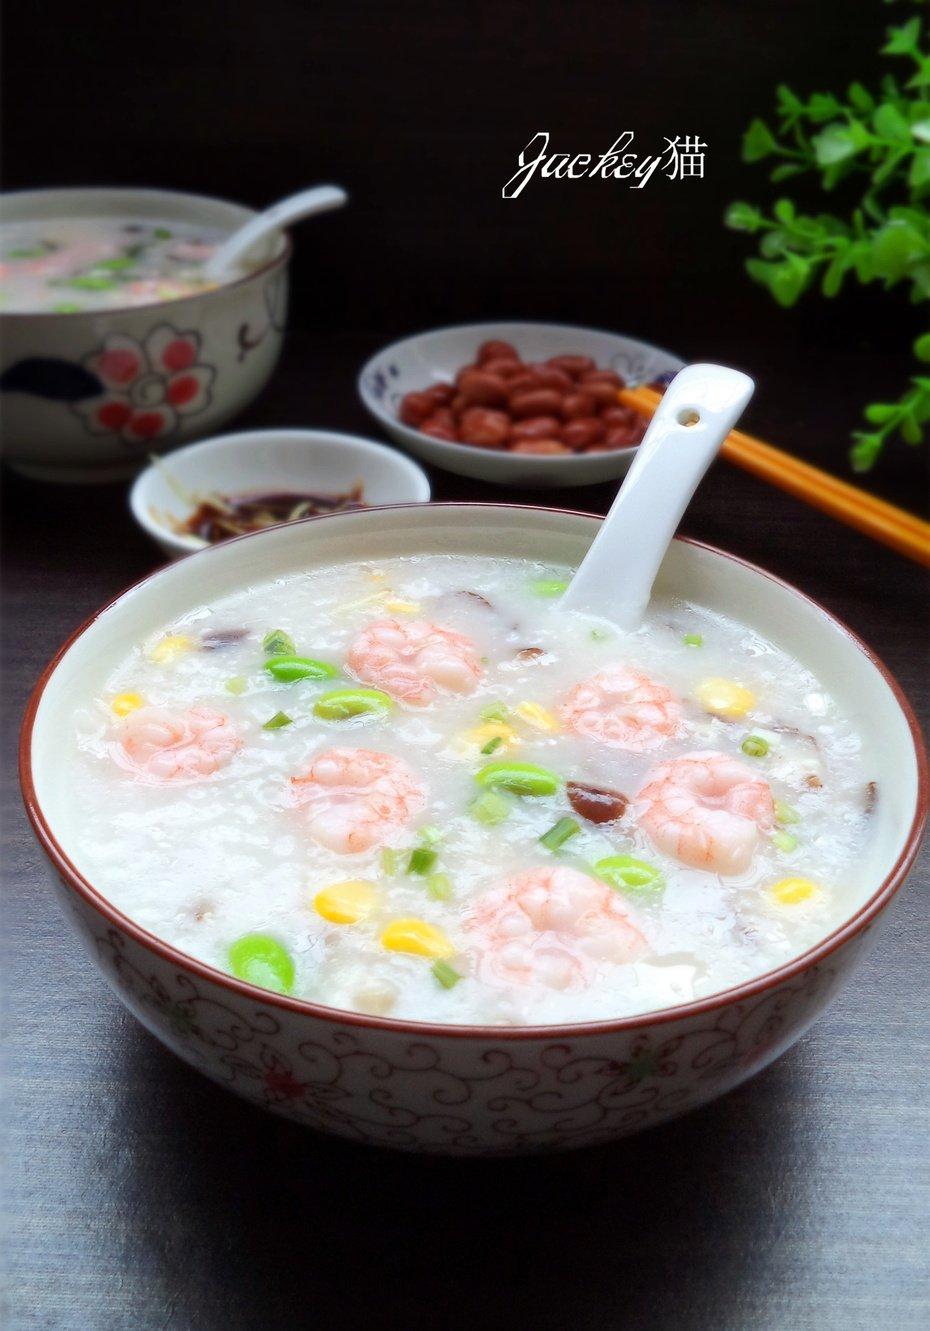 【国庆】清淡鲜美—蔬菜虾仁粥